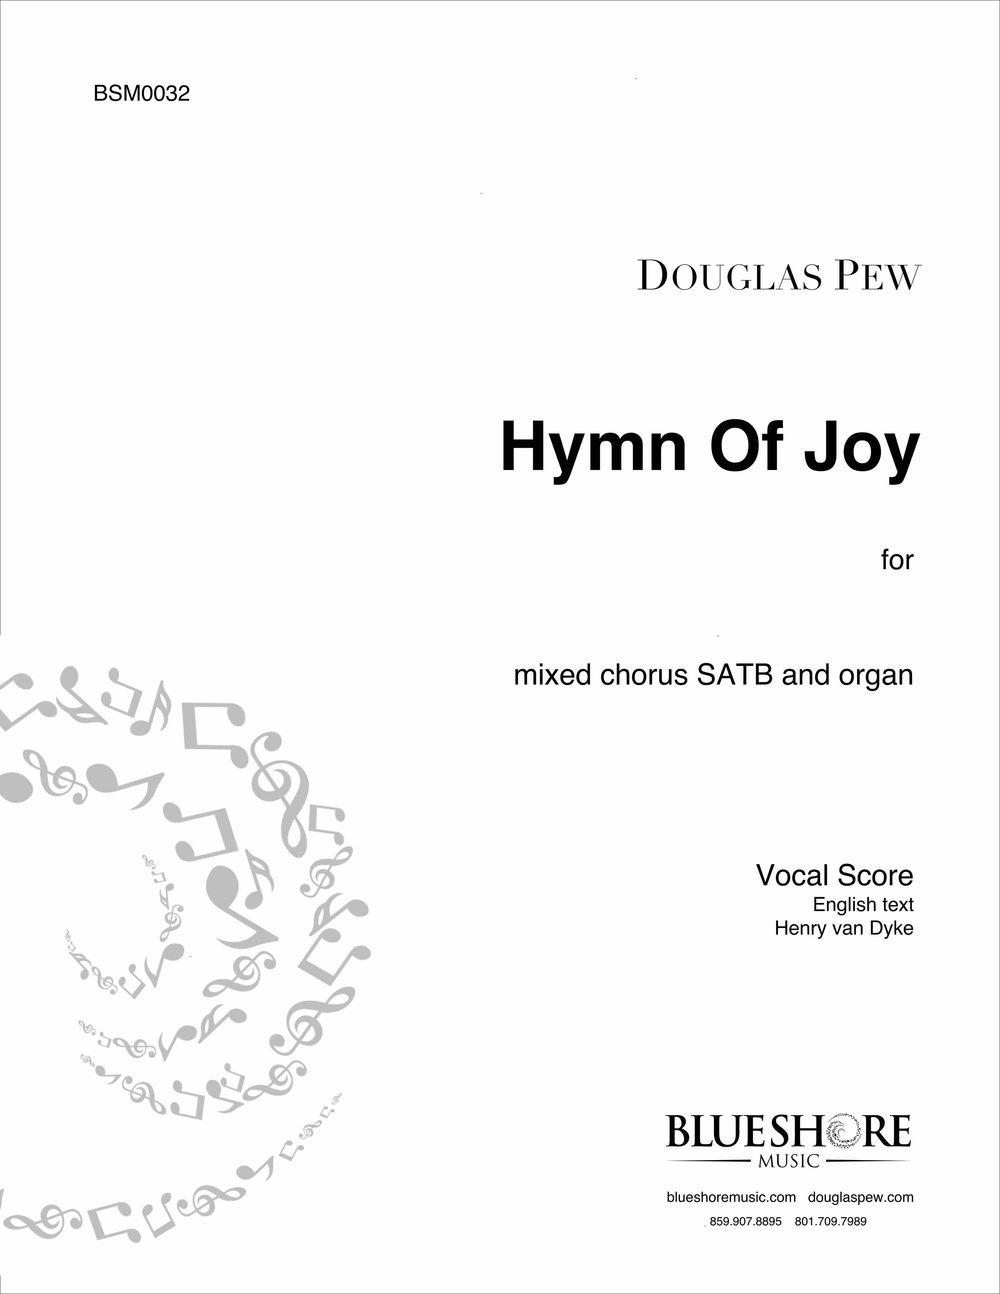 Hymn of Joy, for Mixed Chorus SATB and Organ